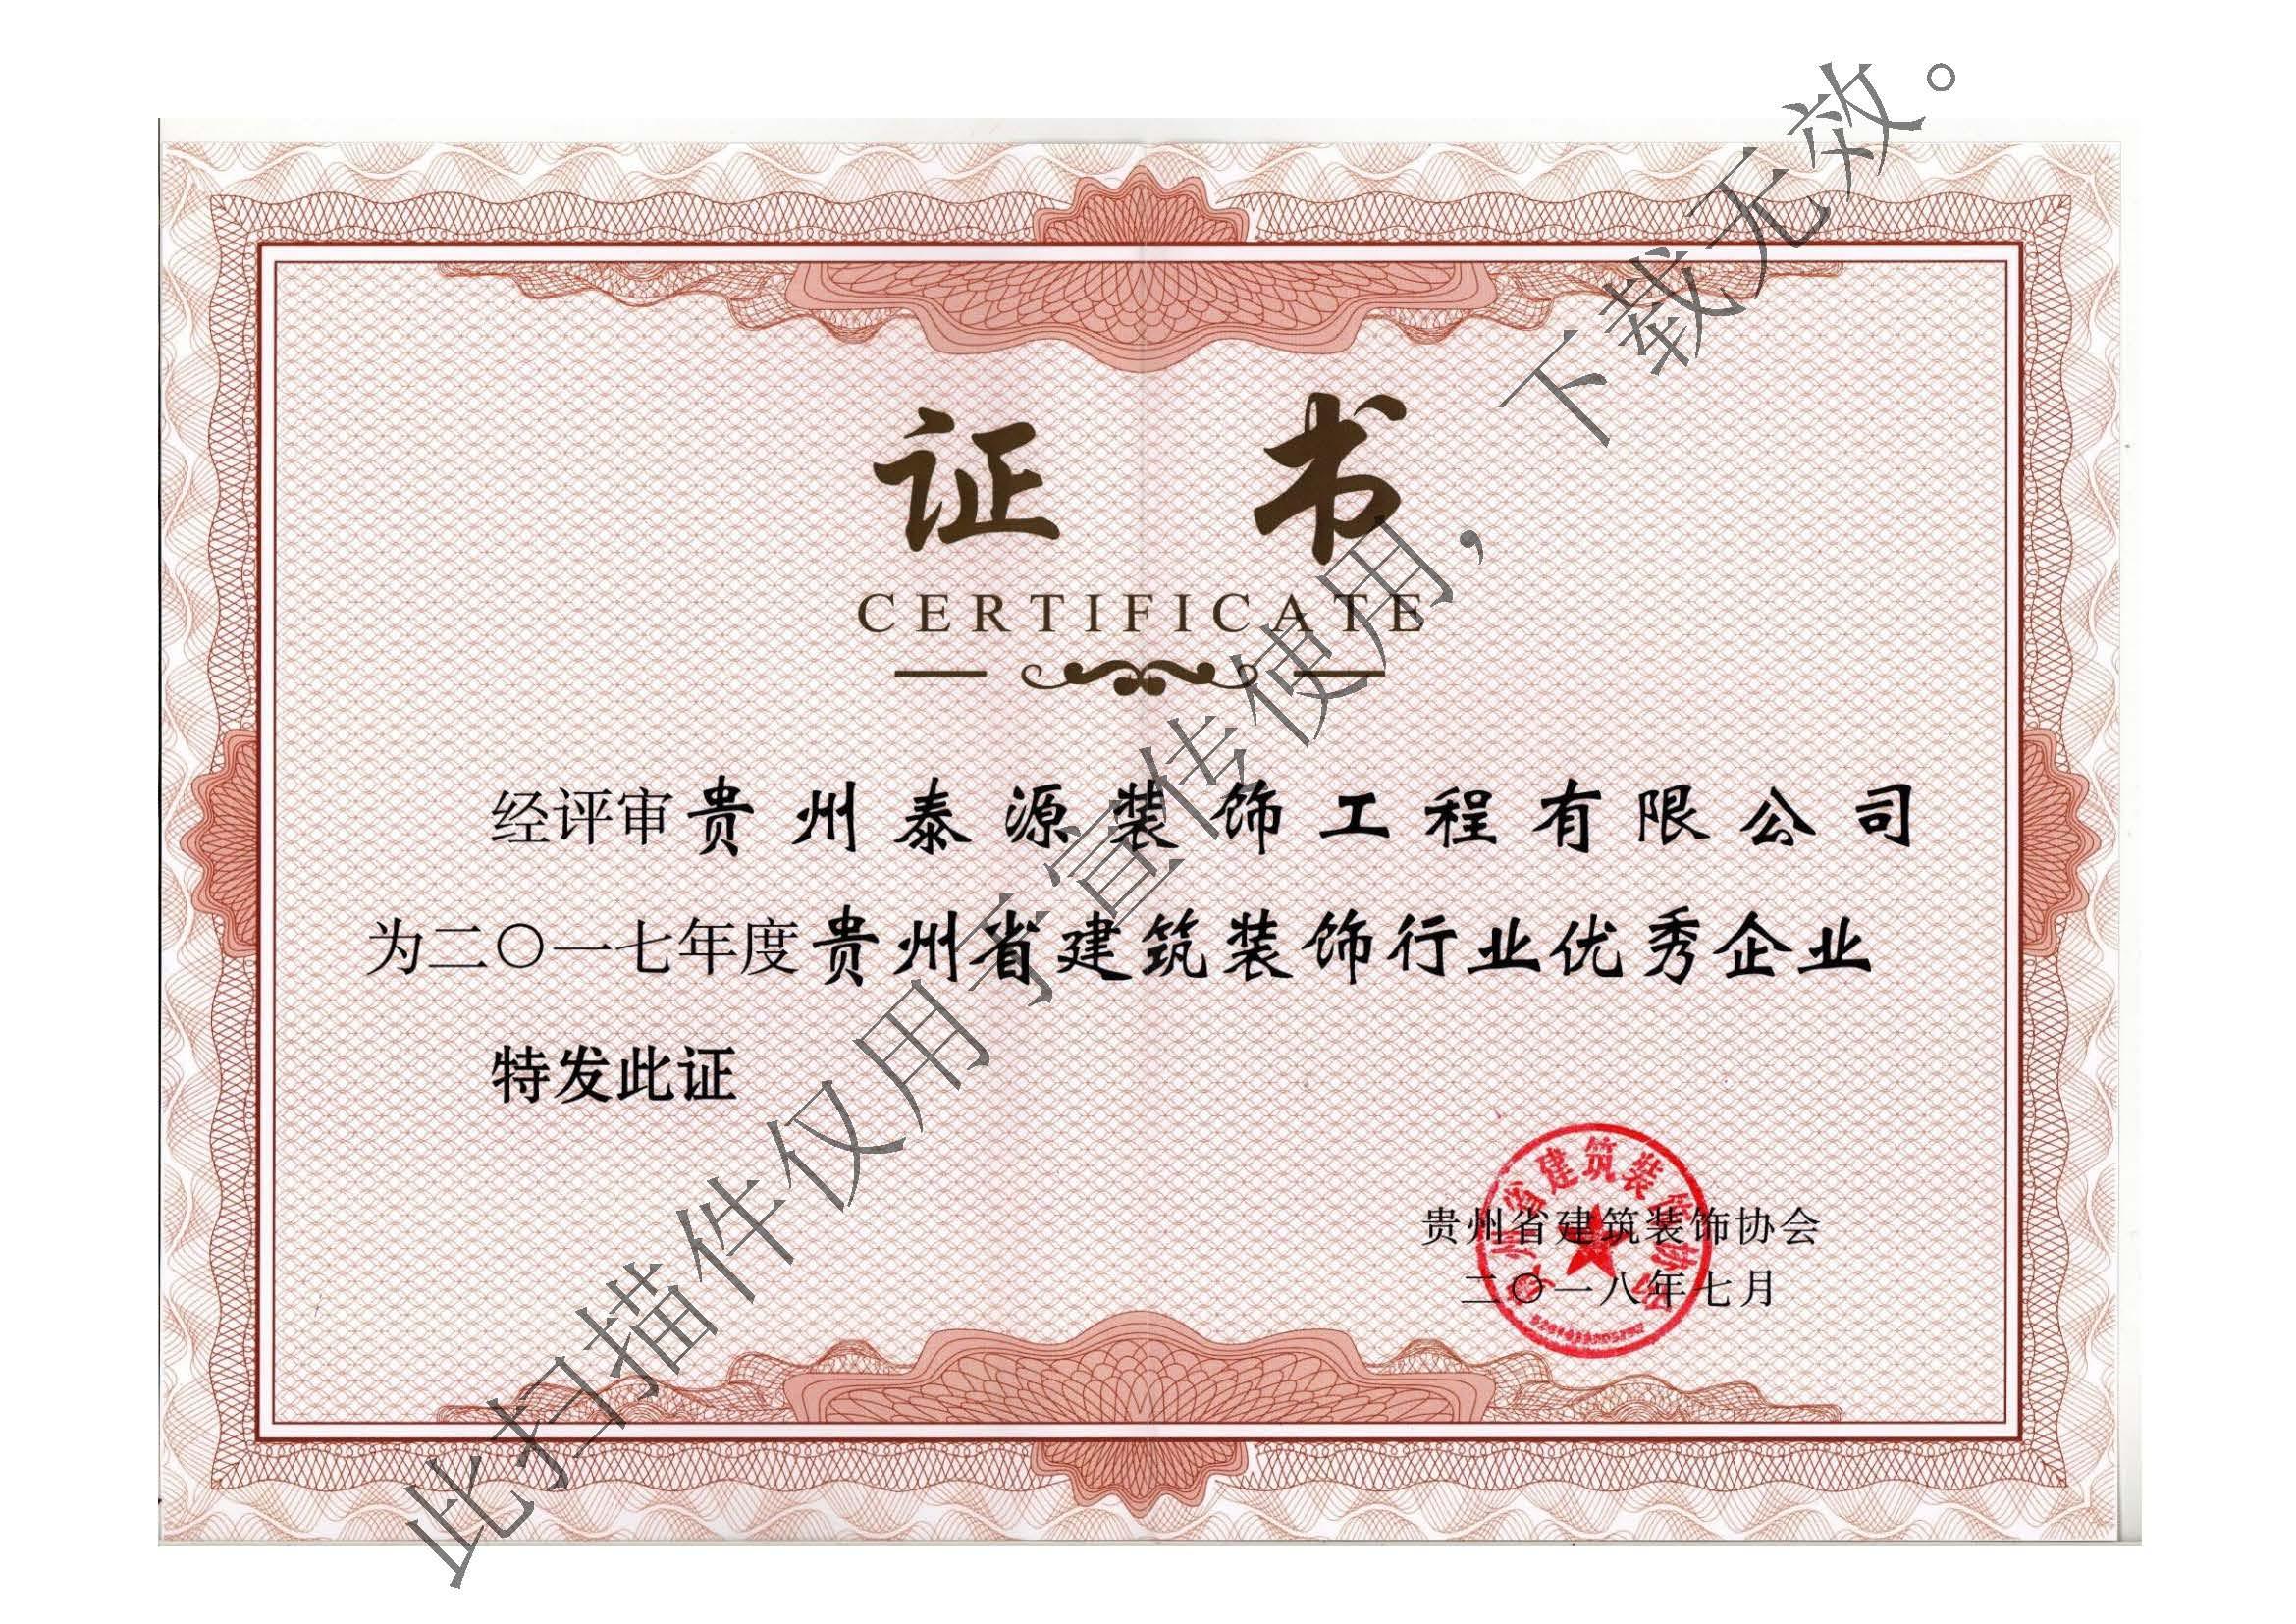 贵州省建设德赢官网登录行业优秀企业2017年